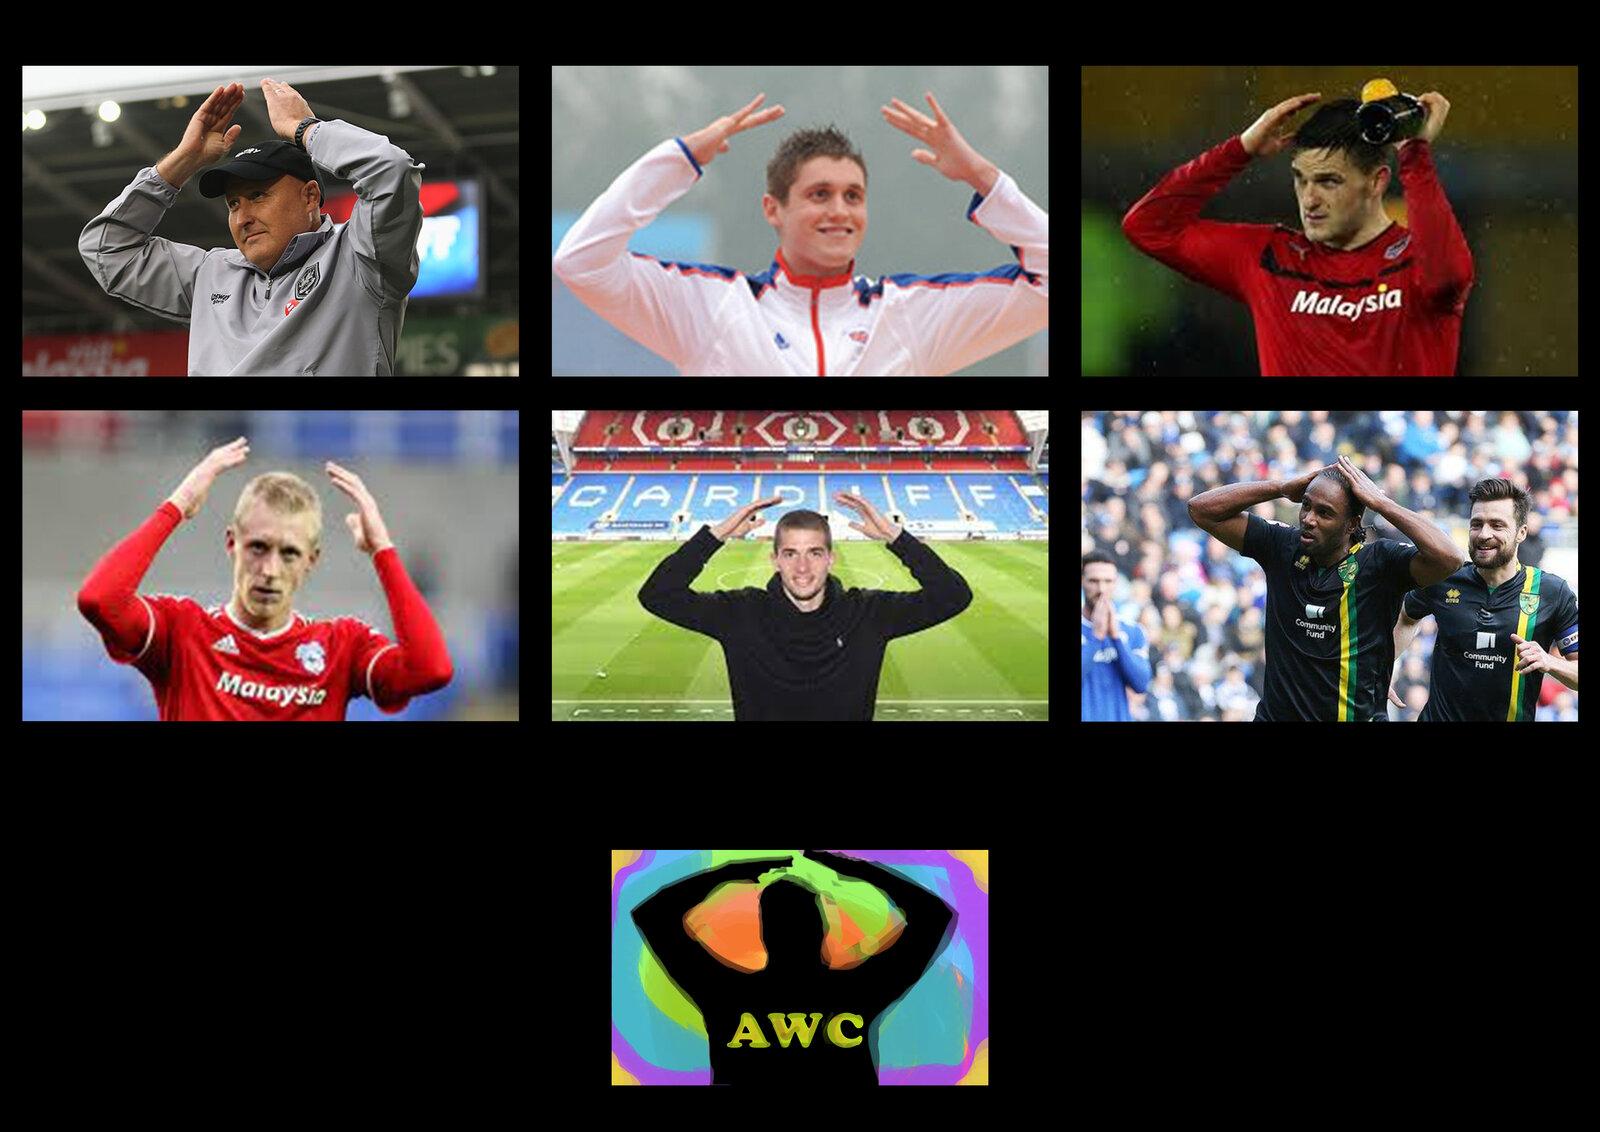 AWC Group 8a.jpg